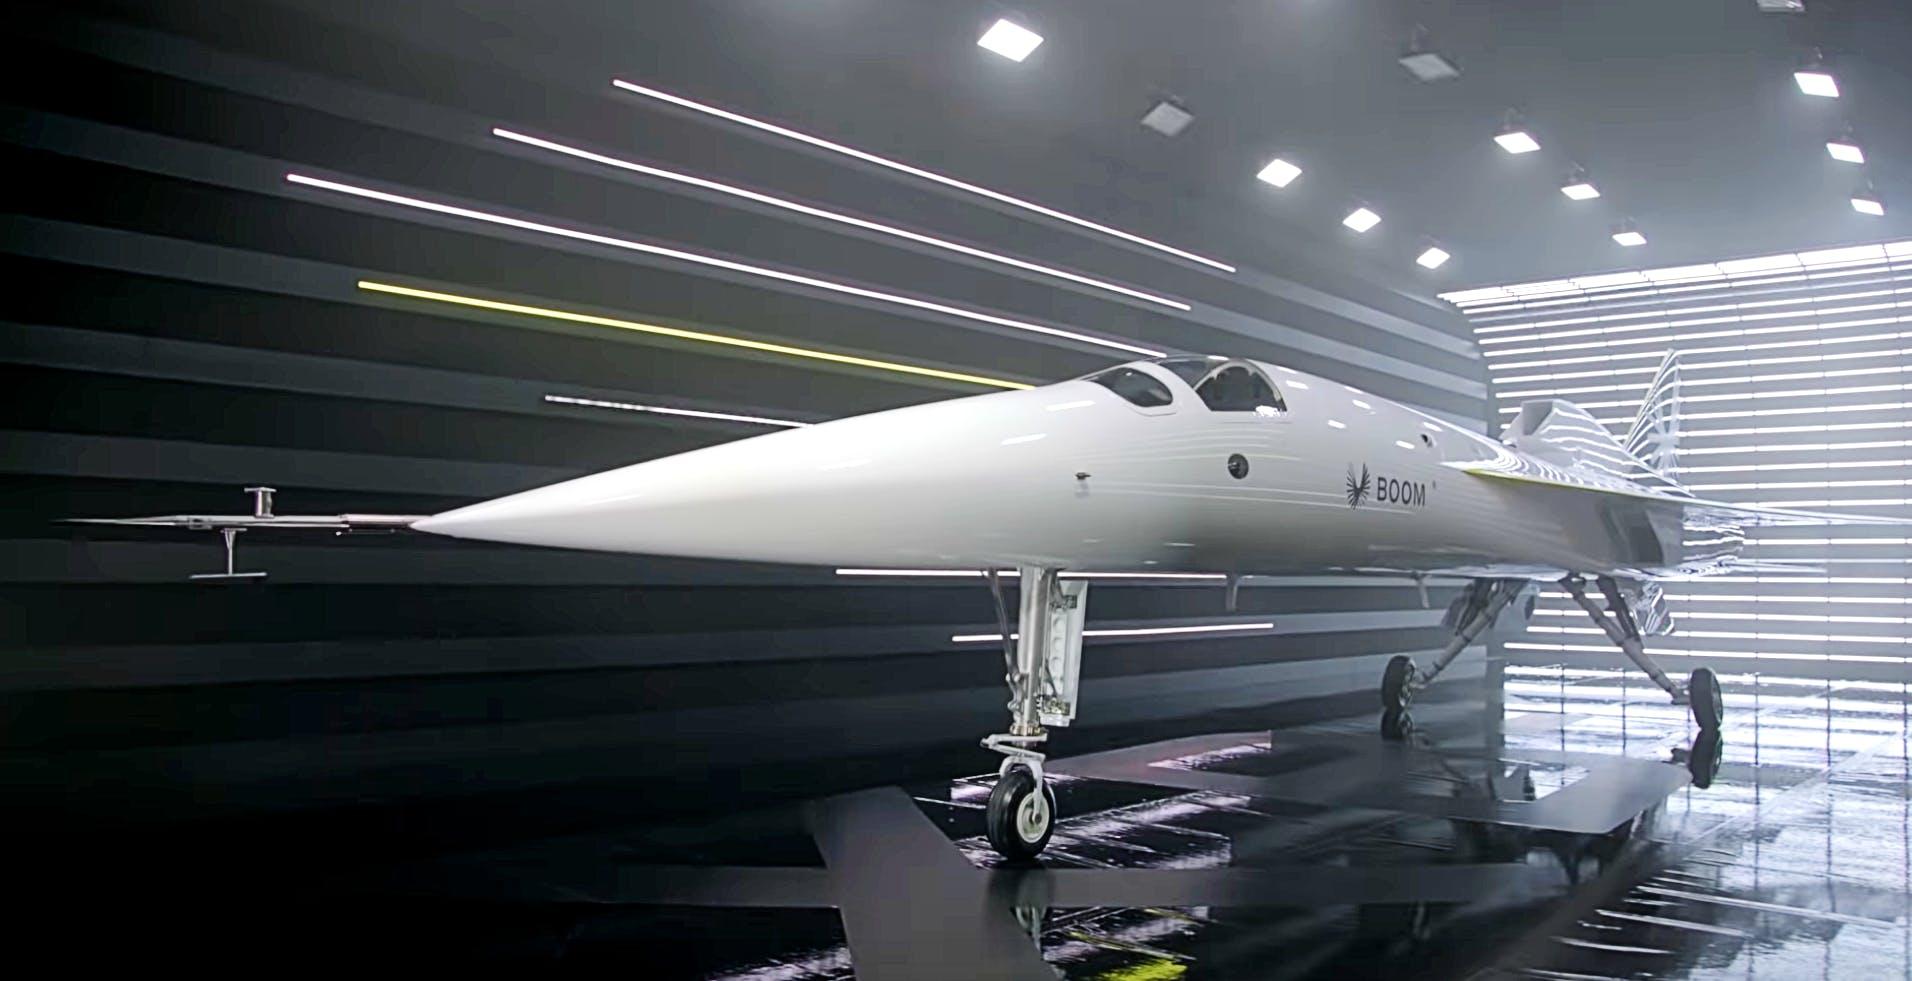 XB-1, ventuno parti in titanio stampate in 3D per l'aereo supersonico che farà New York - Londra in 3 ore e 15